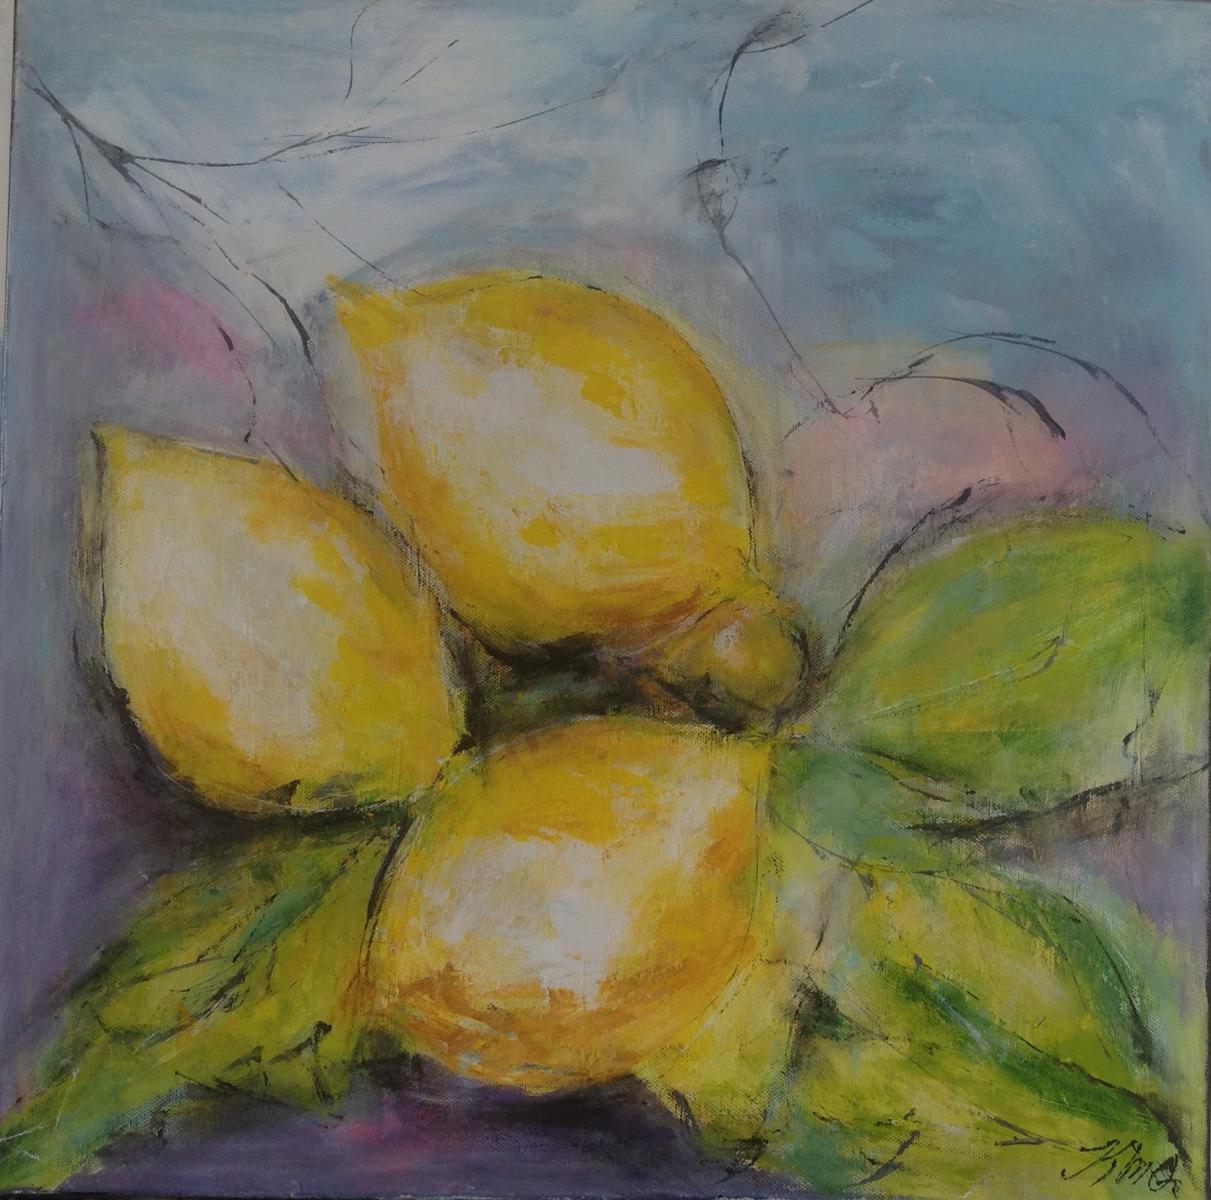 Citroner 50 x 50 cm  har været udstillet på Gl Estrup